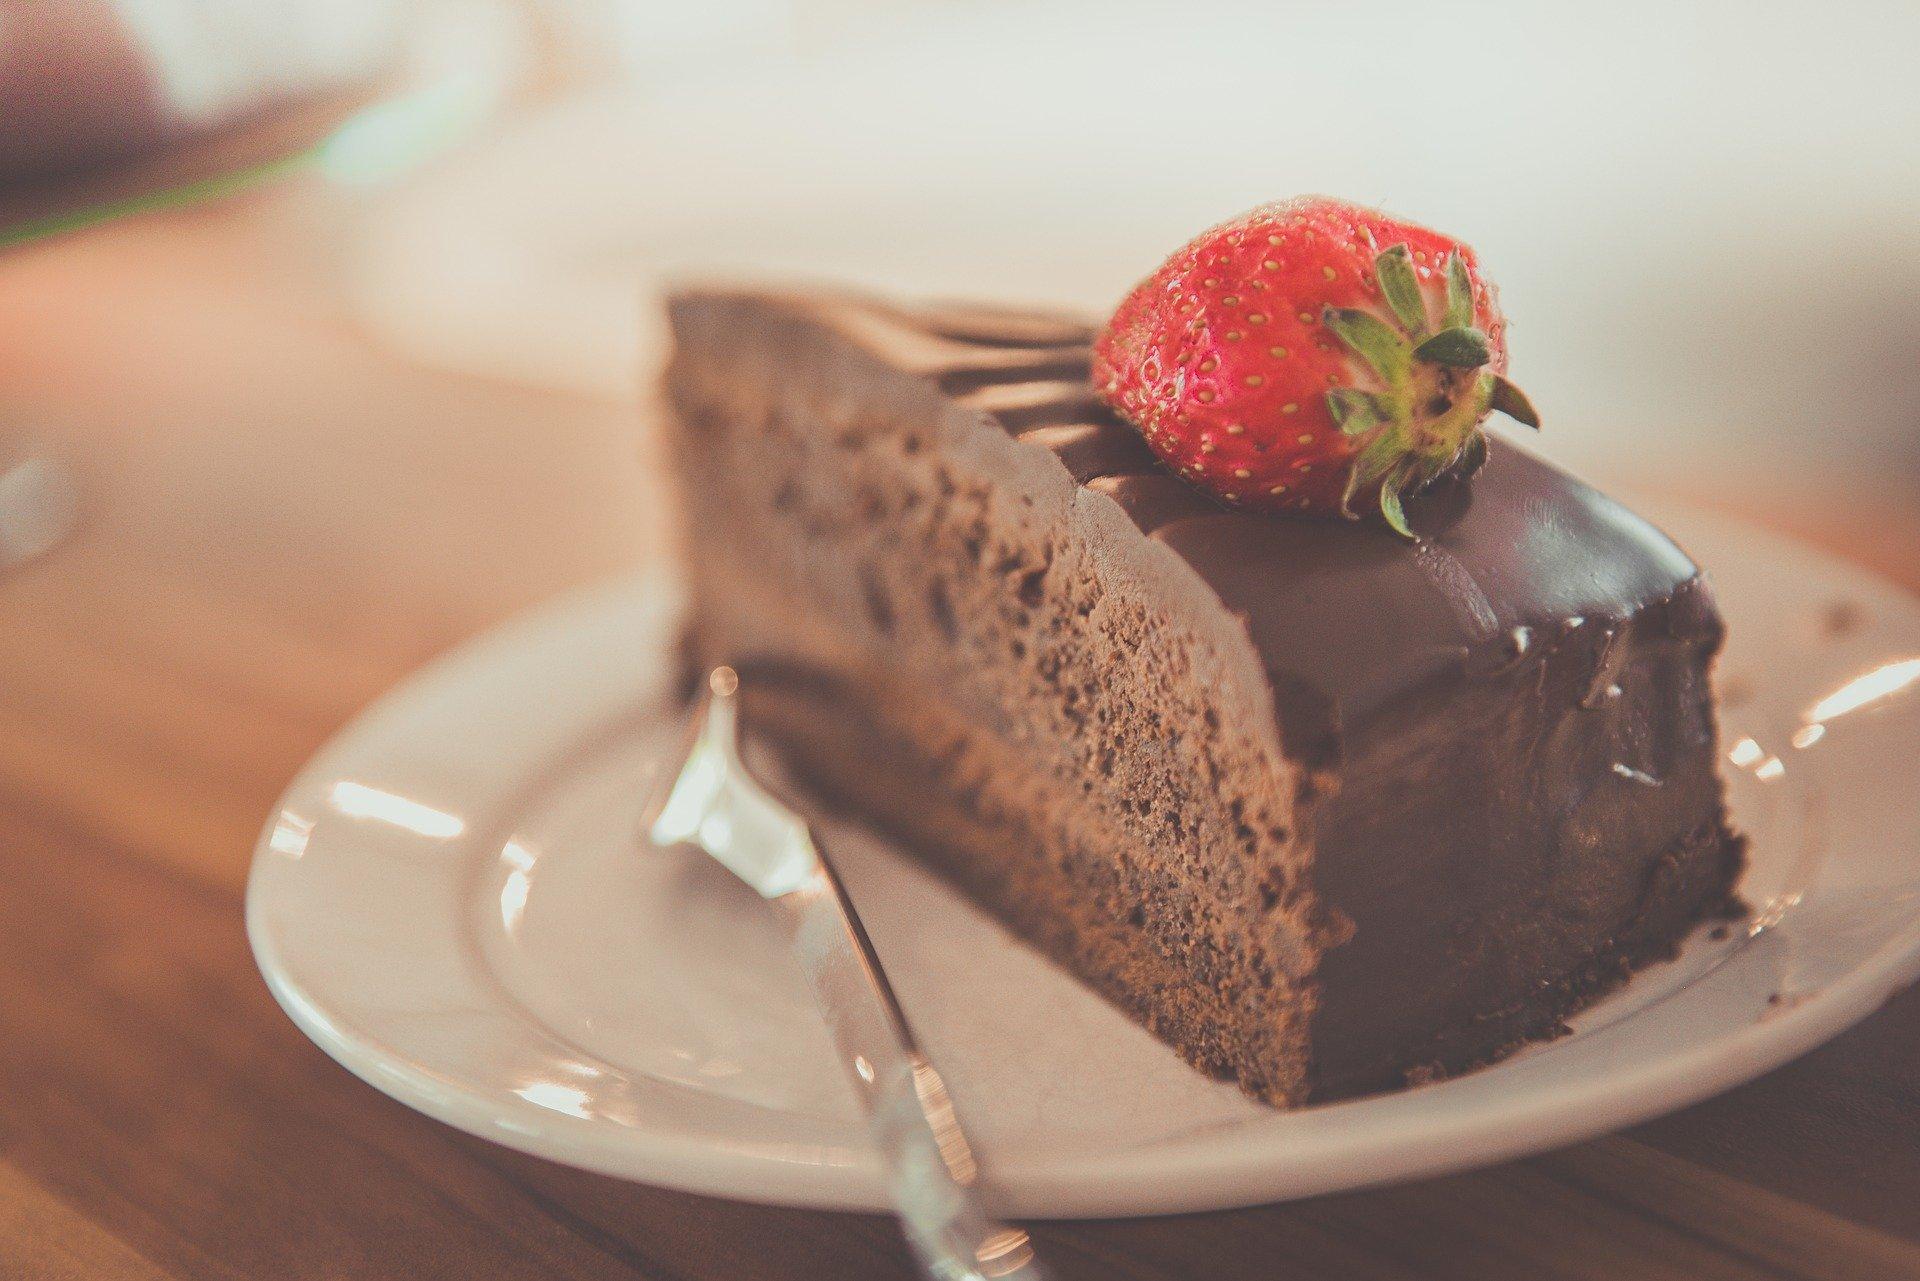 Vemos um pedaço de bolo de chocolate (imagem ilustrativa). Texto: franquias até 100 mil.